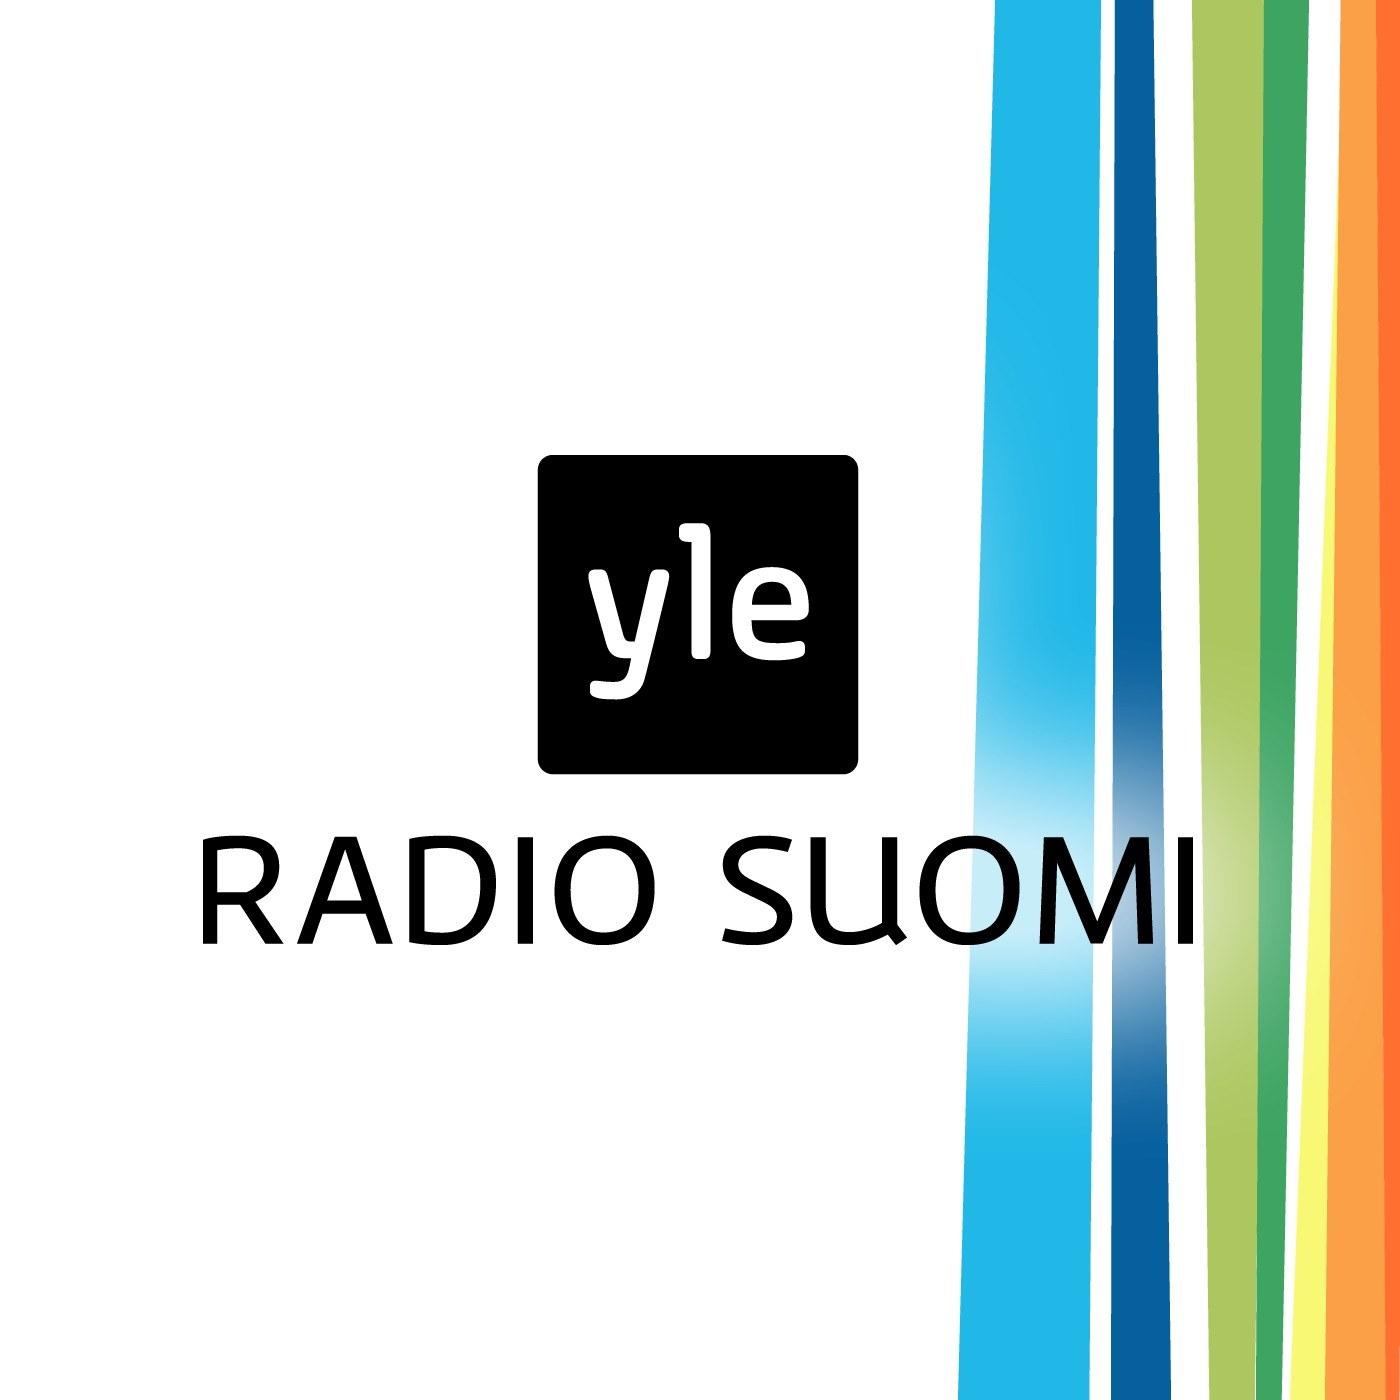 Yle Yöradio